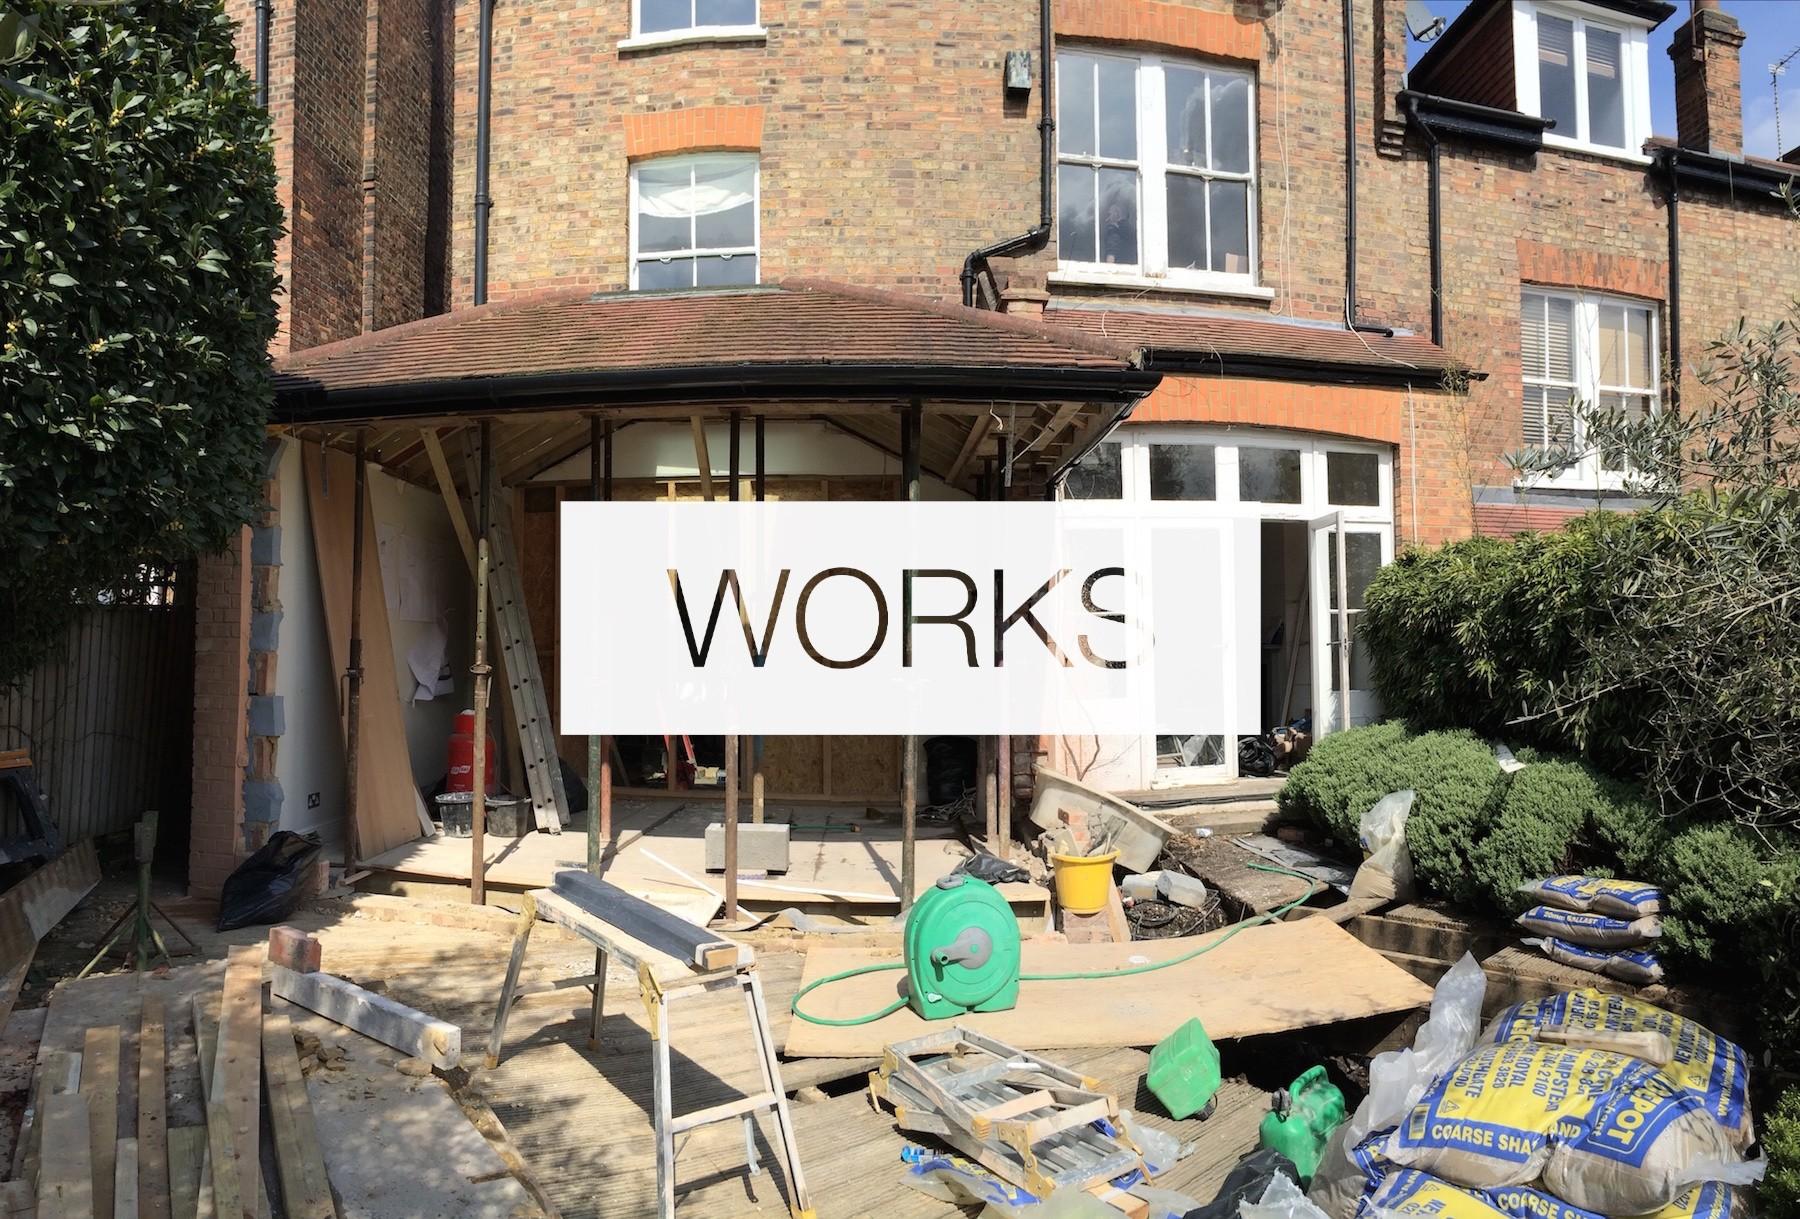 Obras, traseiras da casa